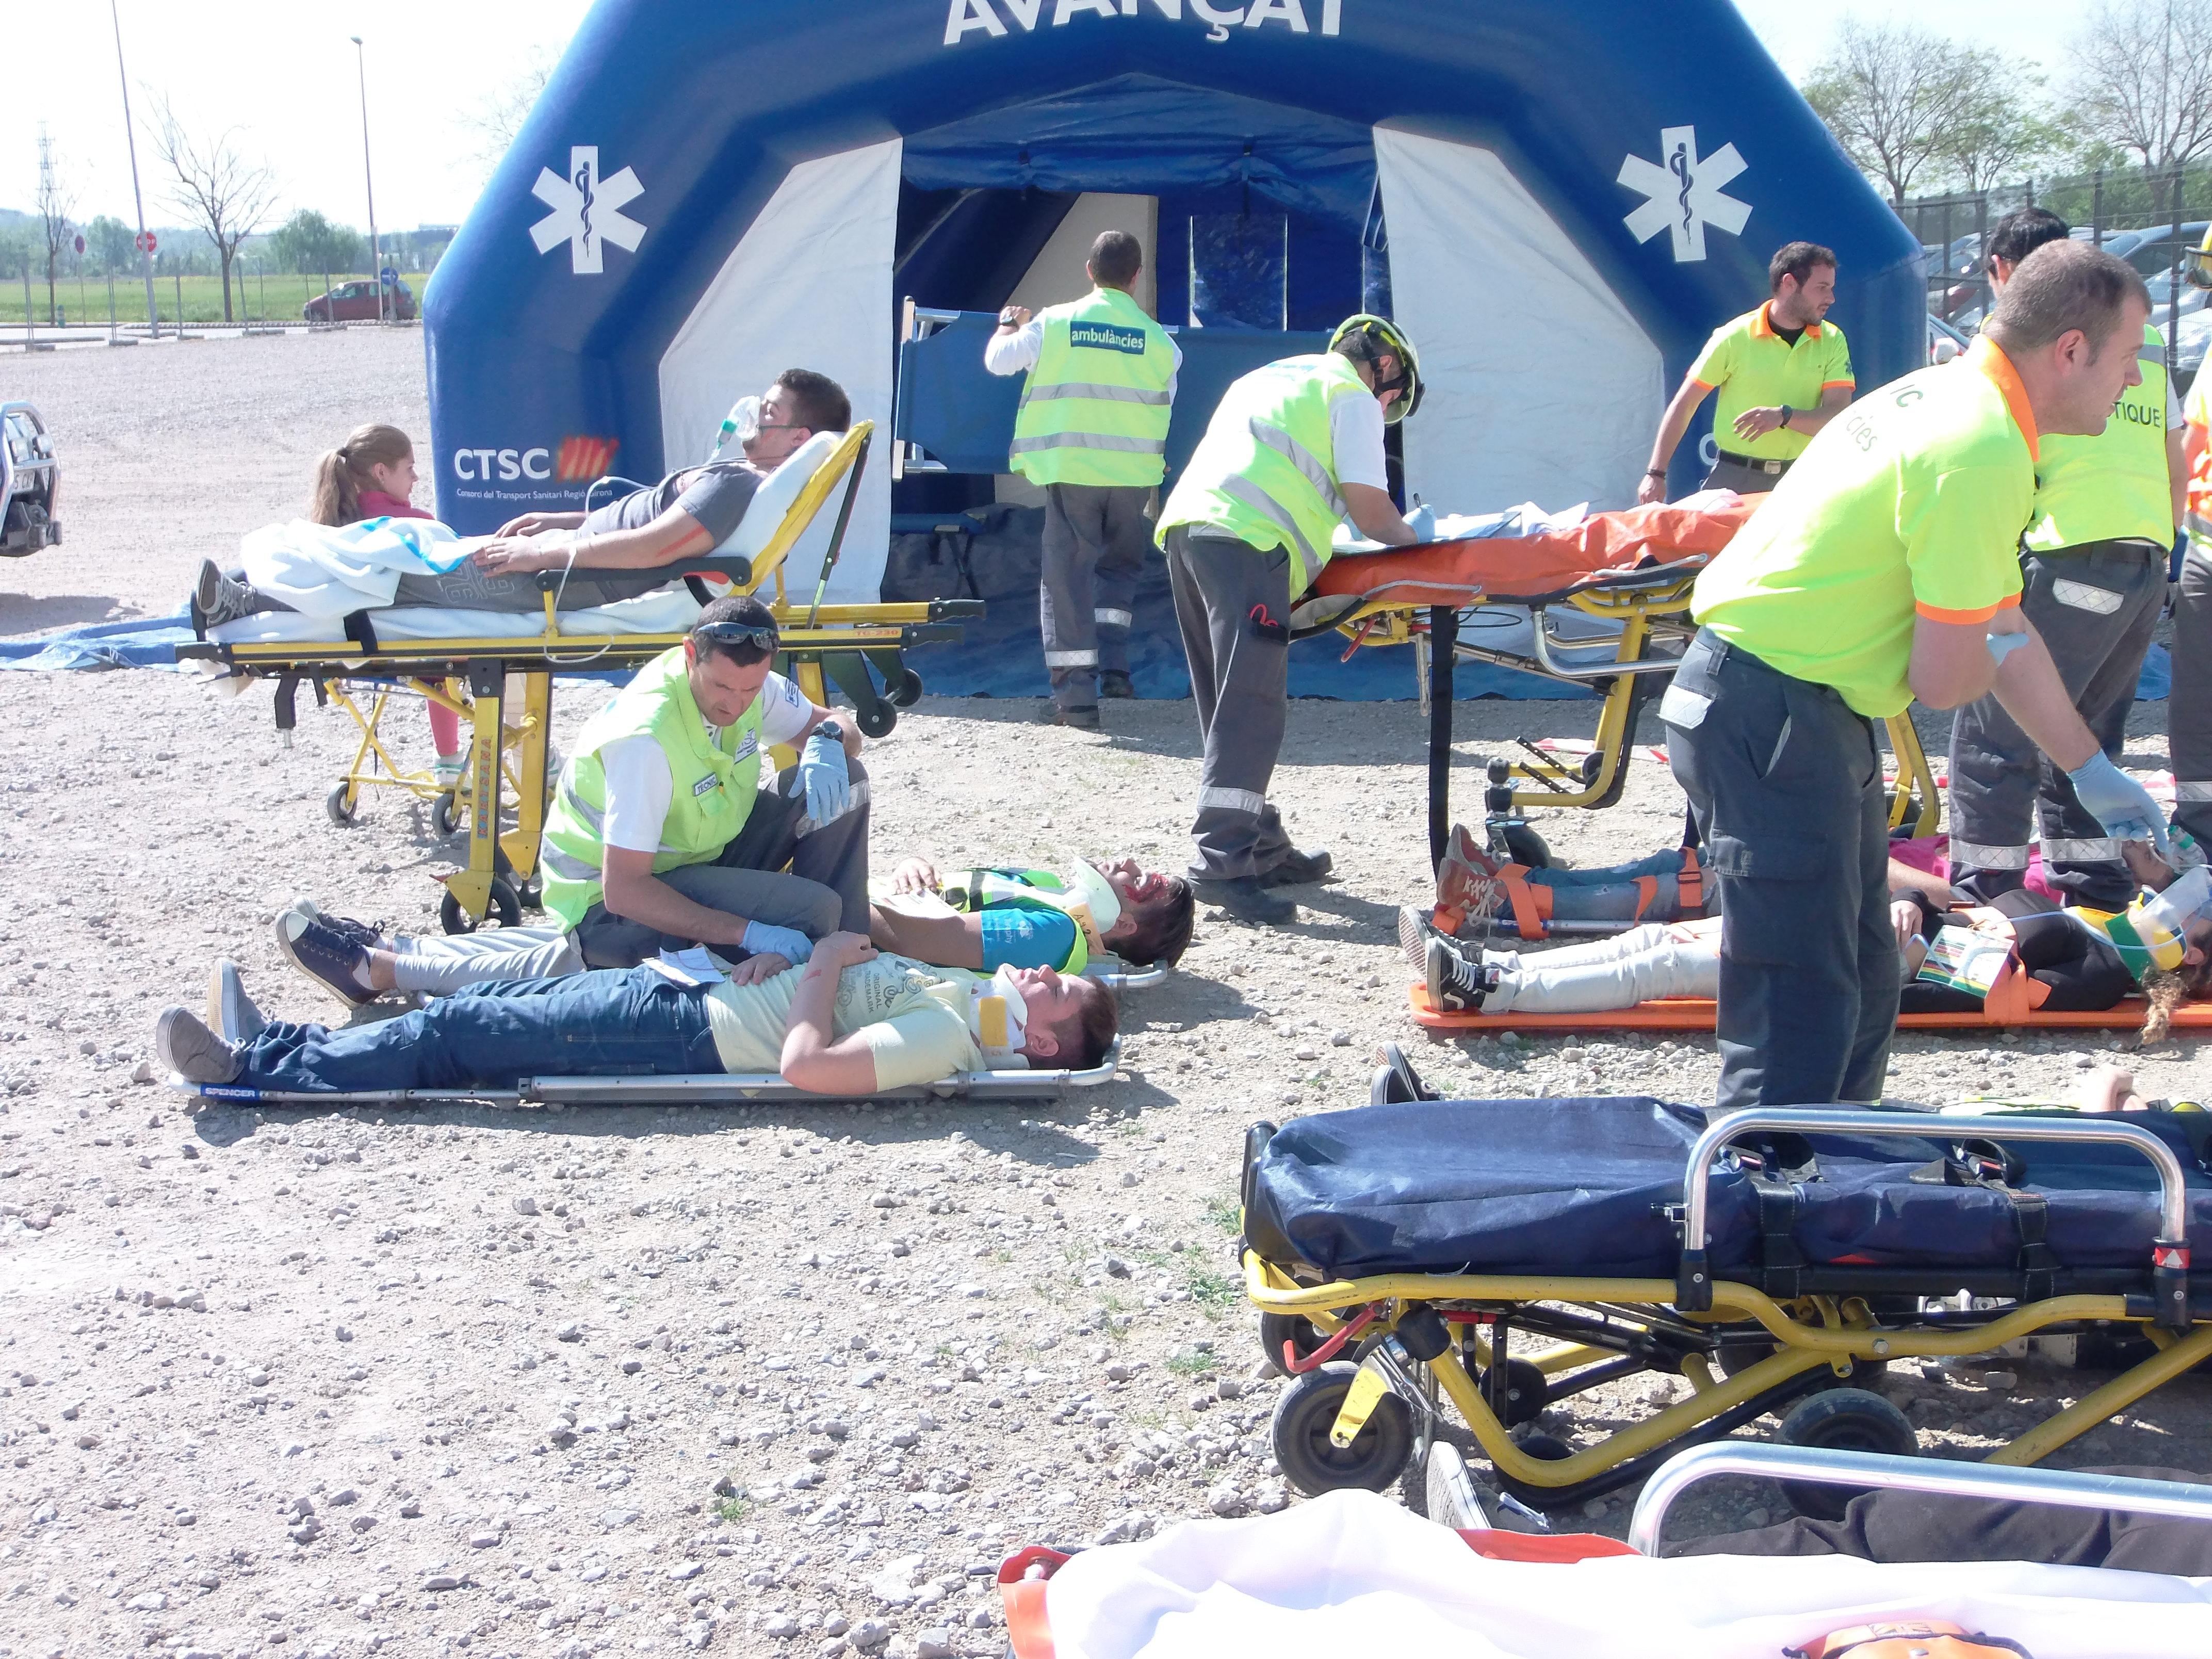 Els alumnes de 2n curs de TES realitzen un simulacre d'accident amb múltiples víctimes